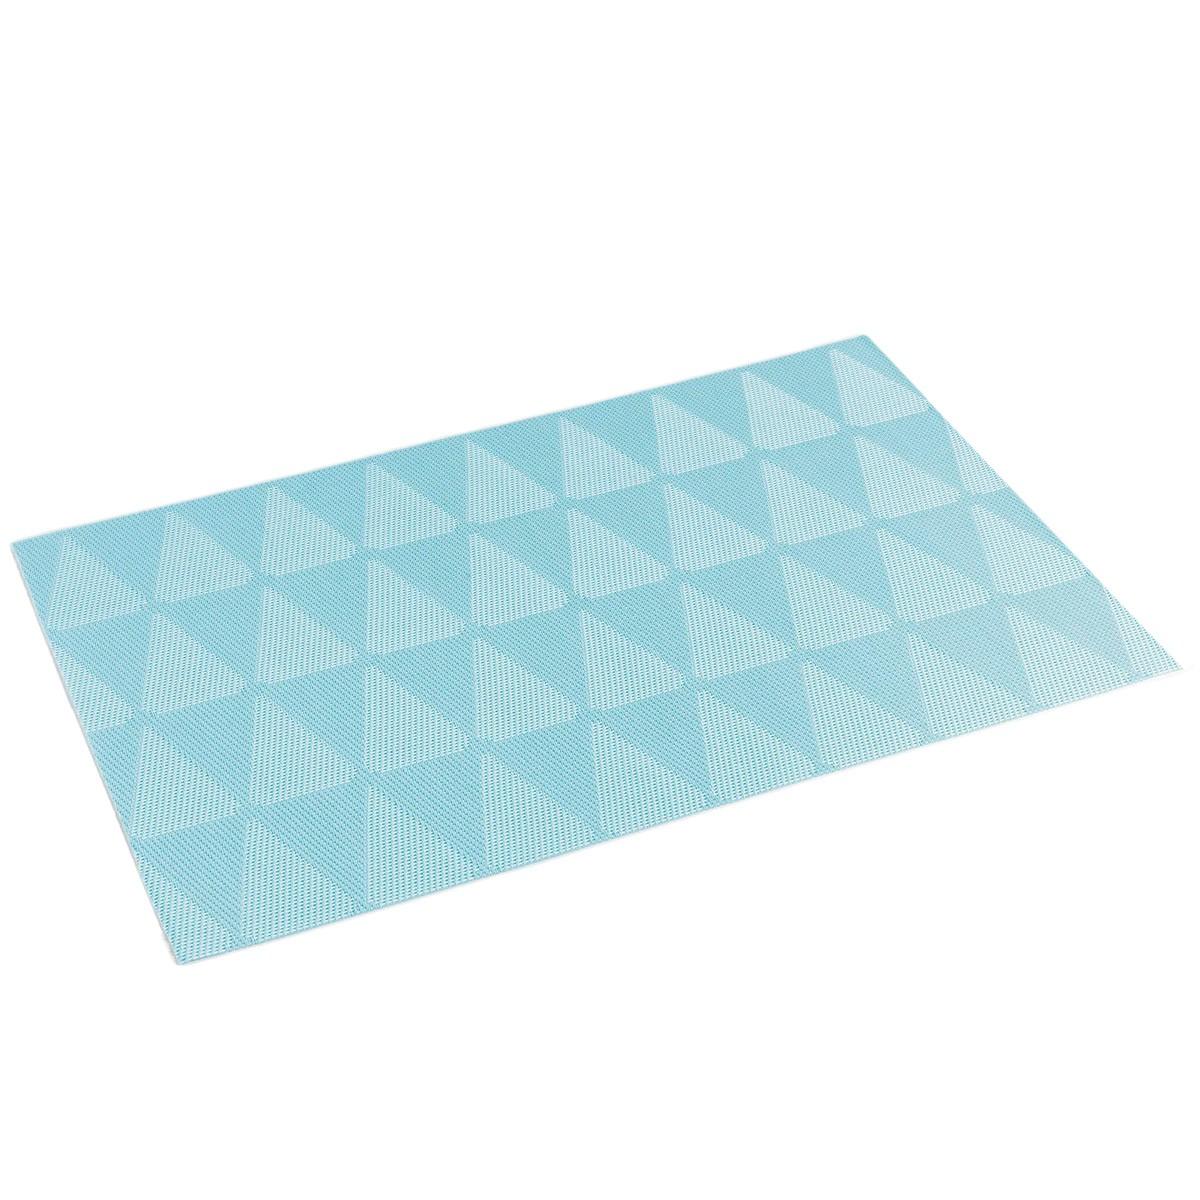 Σουπλά Takea Bleu 1790250 88041